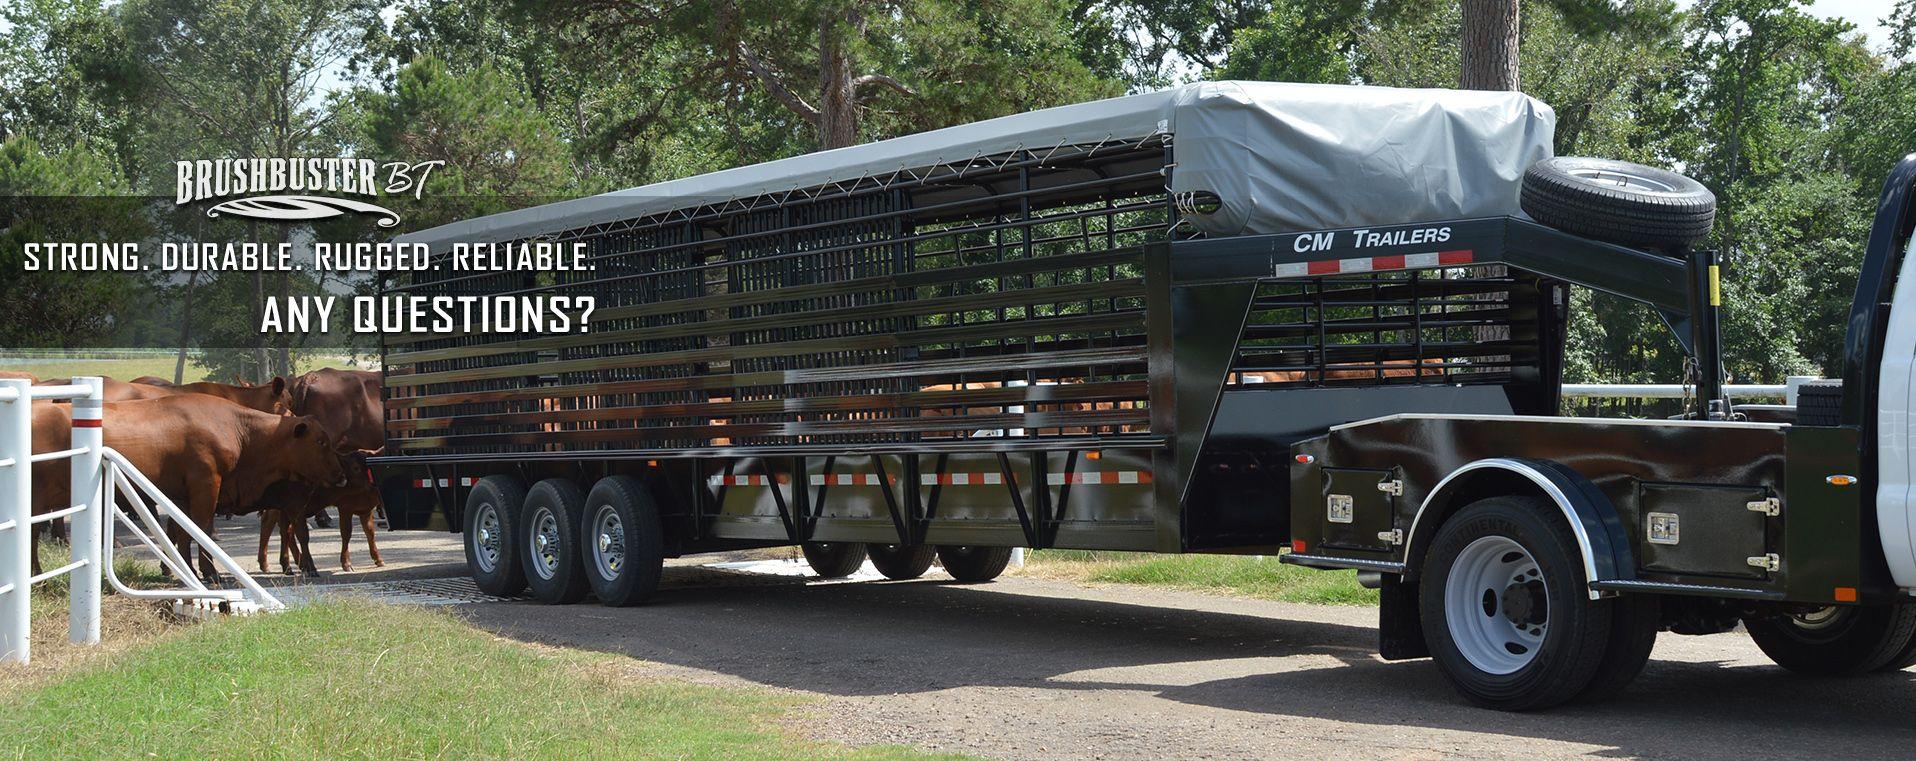 Cm trailers all aluminum steel horse livestock